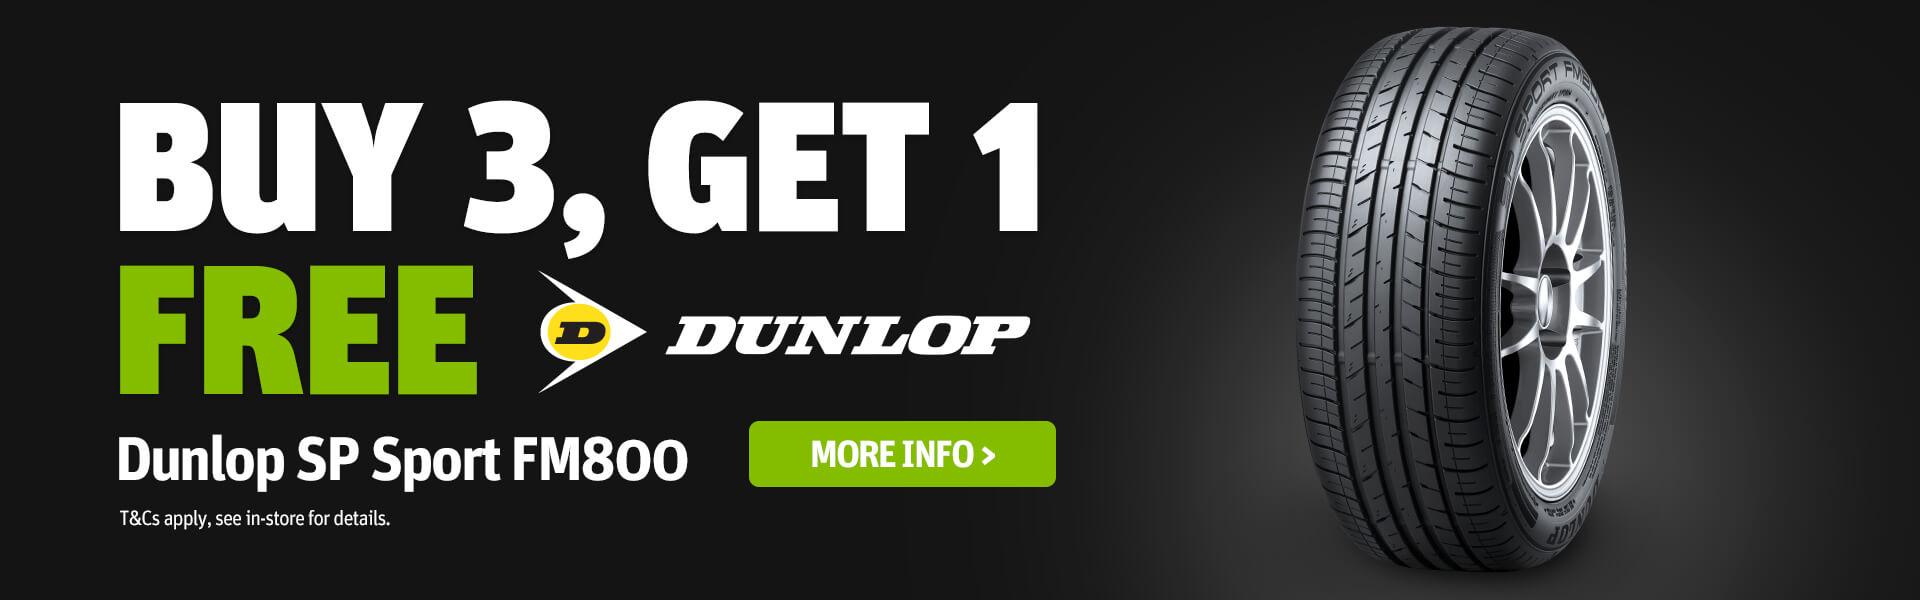 Buy 3 Get 1 Free Dunlop SP Sport FM800 Banner